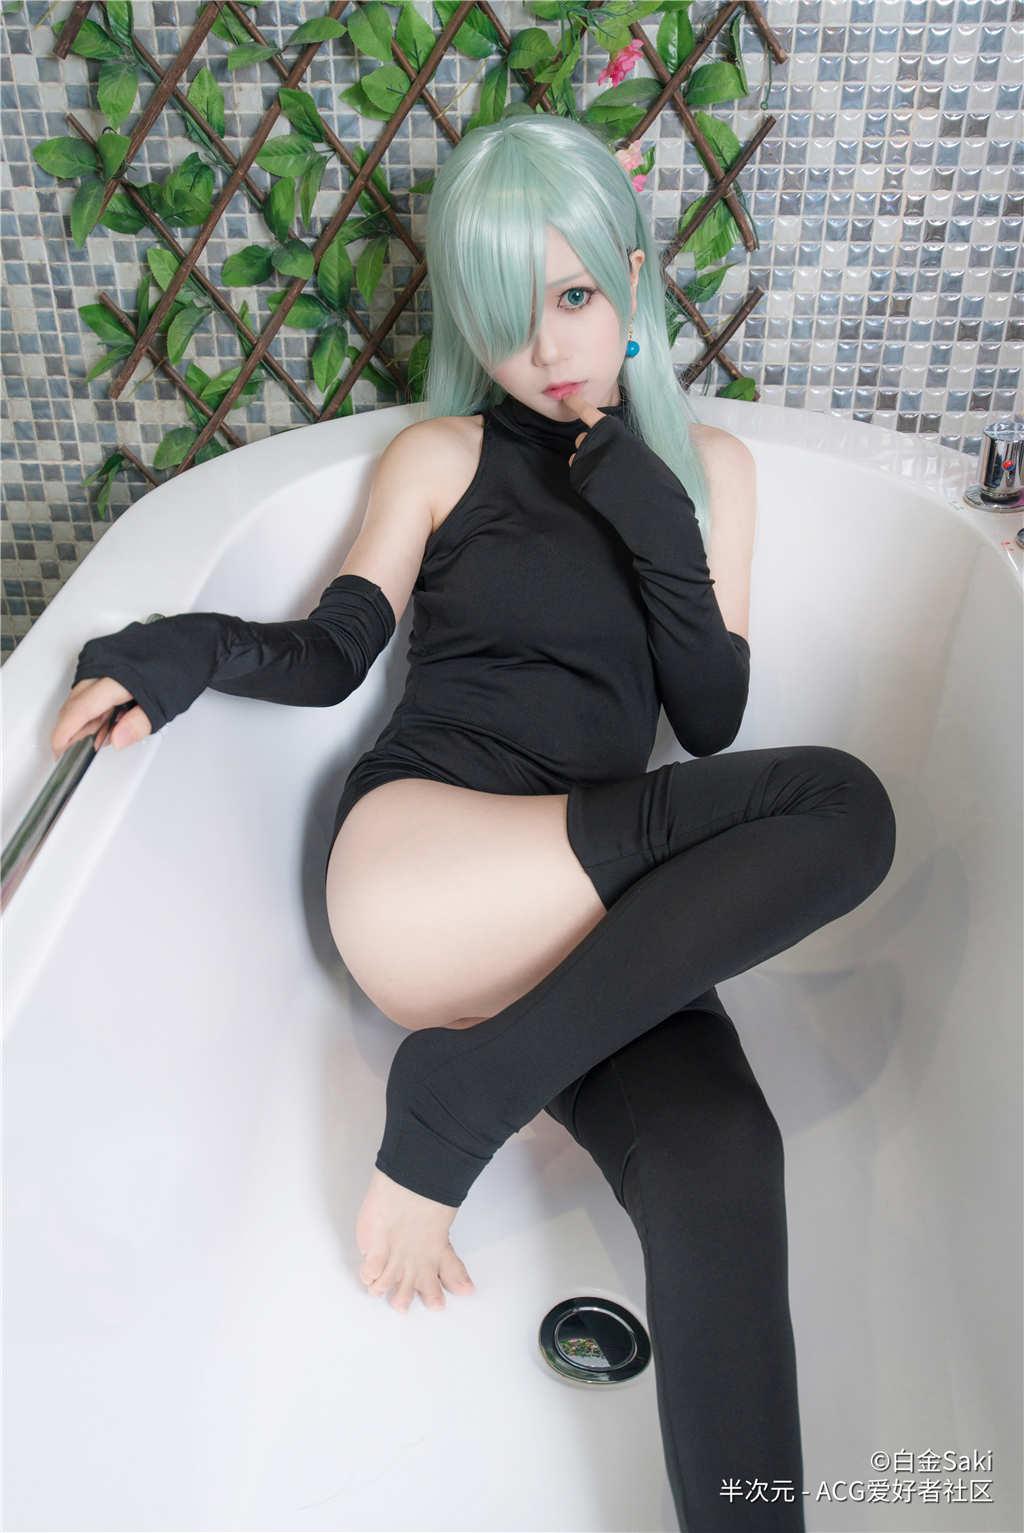 白金saki浴室死库水系列写真集(点击浏览下一张趣图)